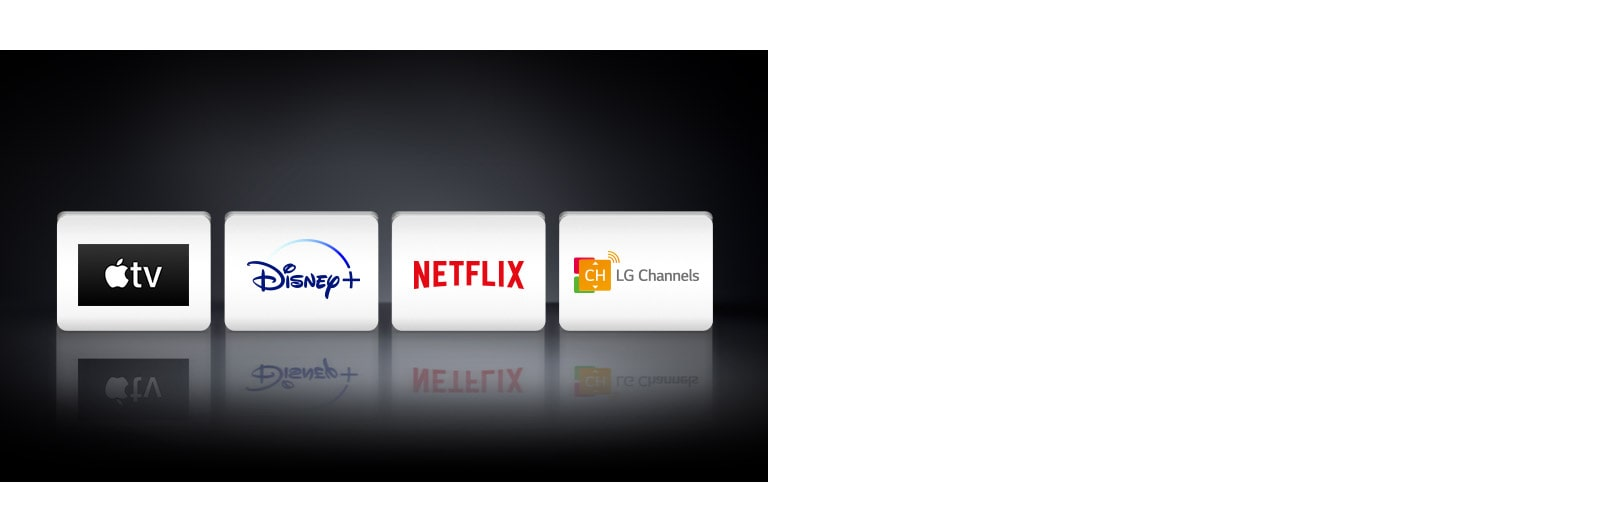 Bốn logo ứng dụng được hiển thị từ trái sang phải: Apple TV, Disney +, Netflix và LG Channels.